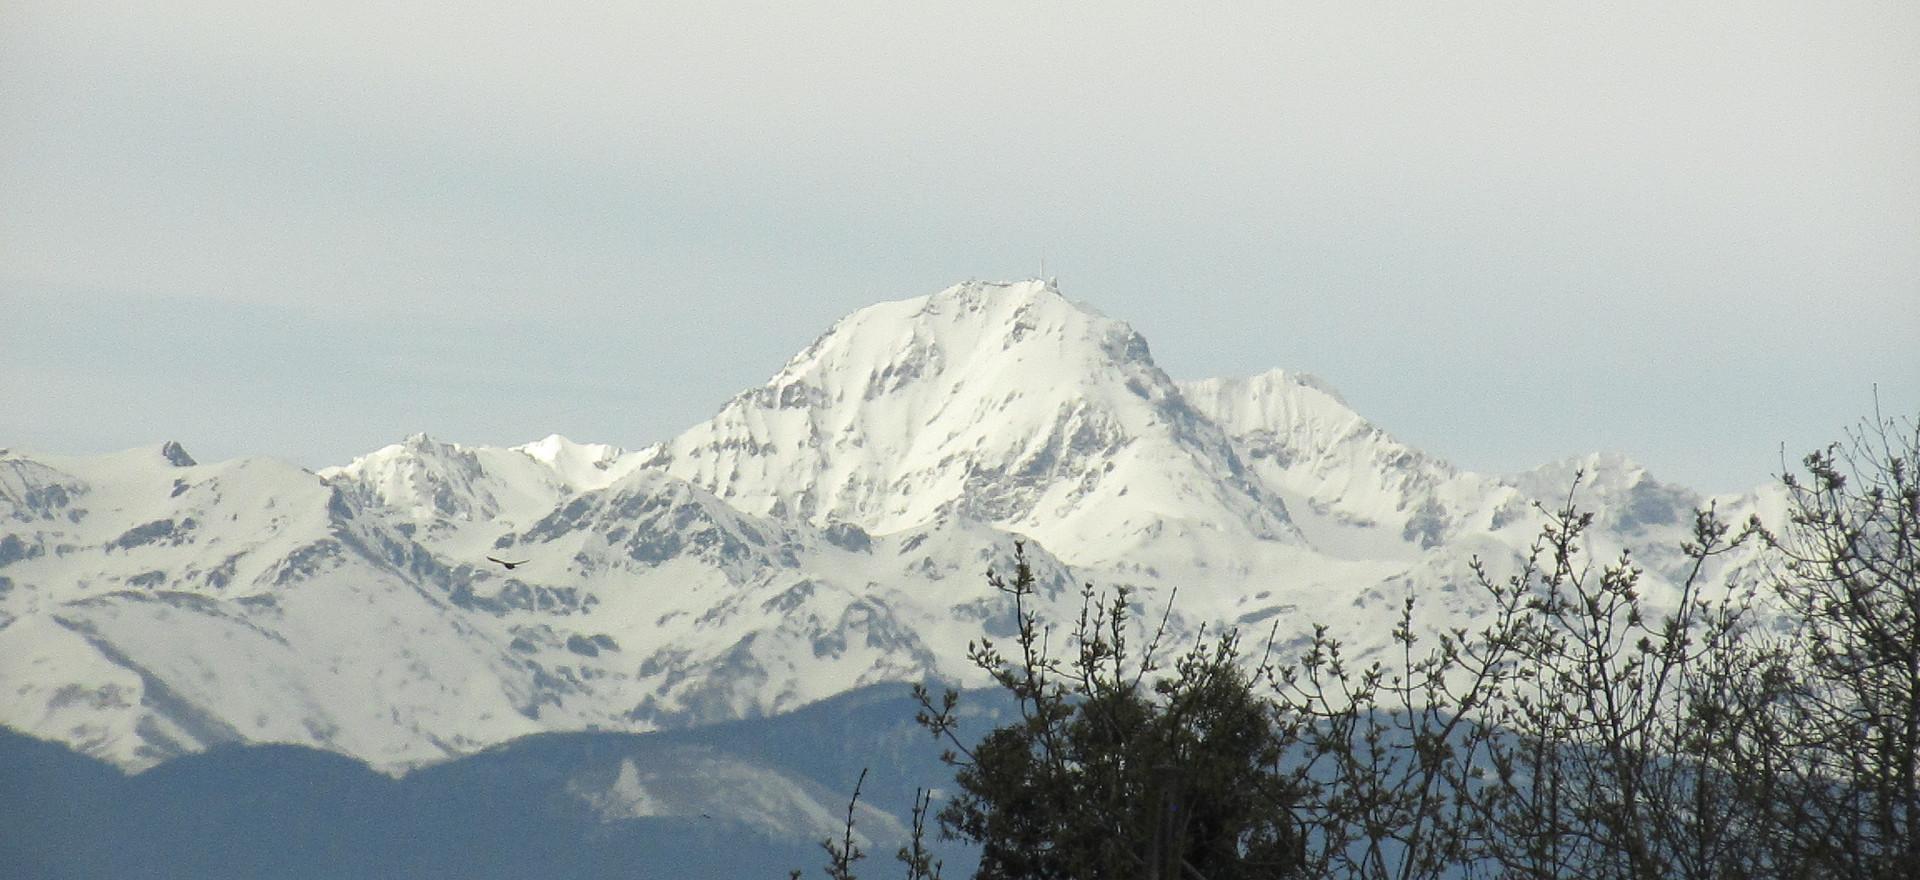 Le pic du midi de Bigorre vu depuis Thermes